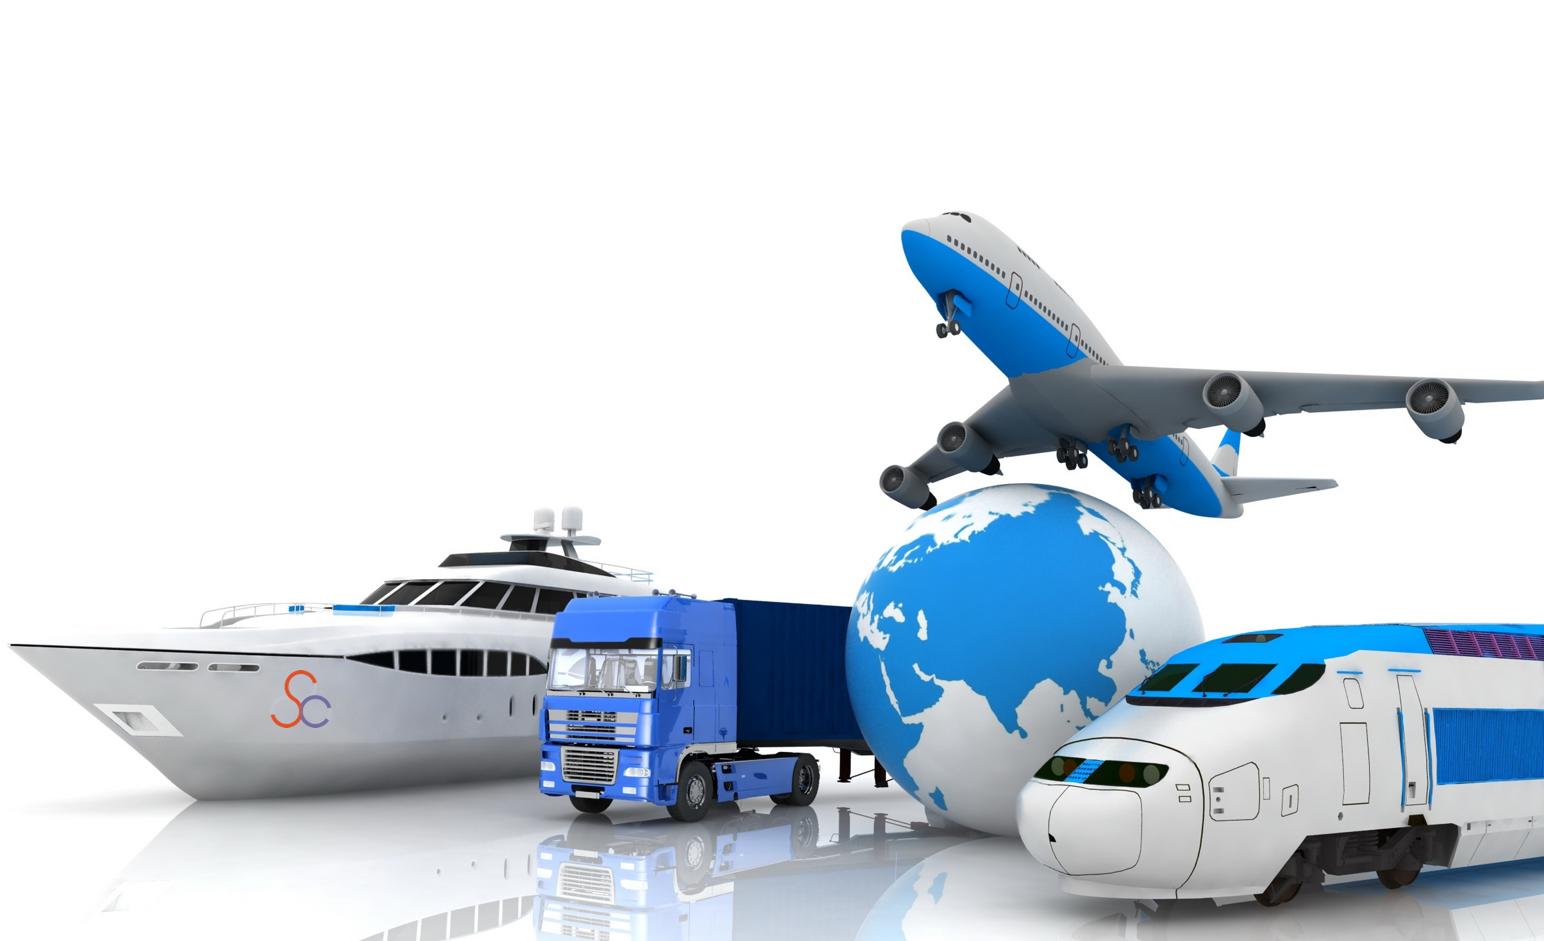 استارتآپها قادر به حل مشکل صنعت حمل و نقل خواهند بود